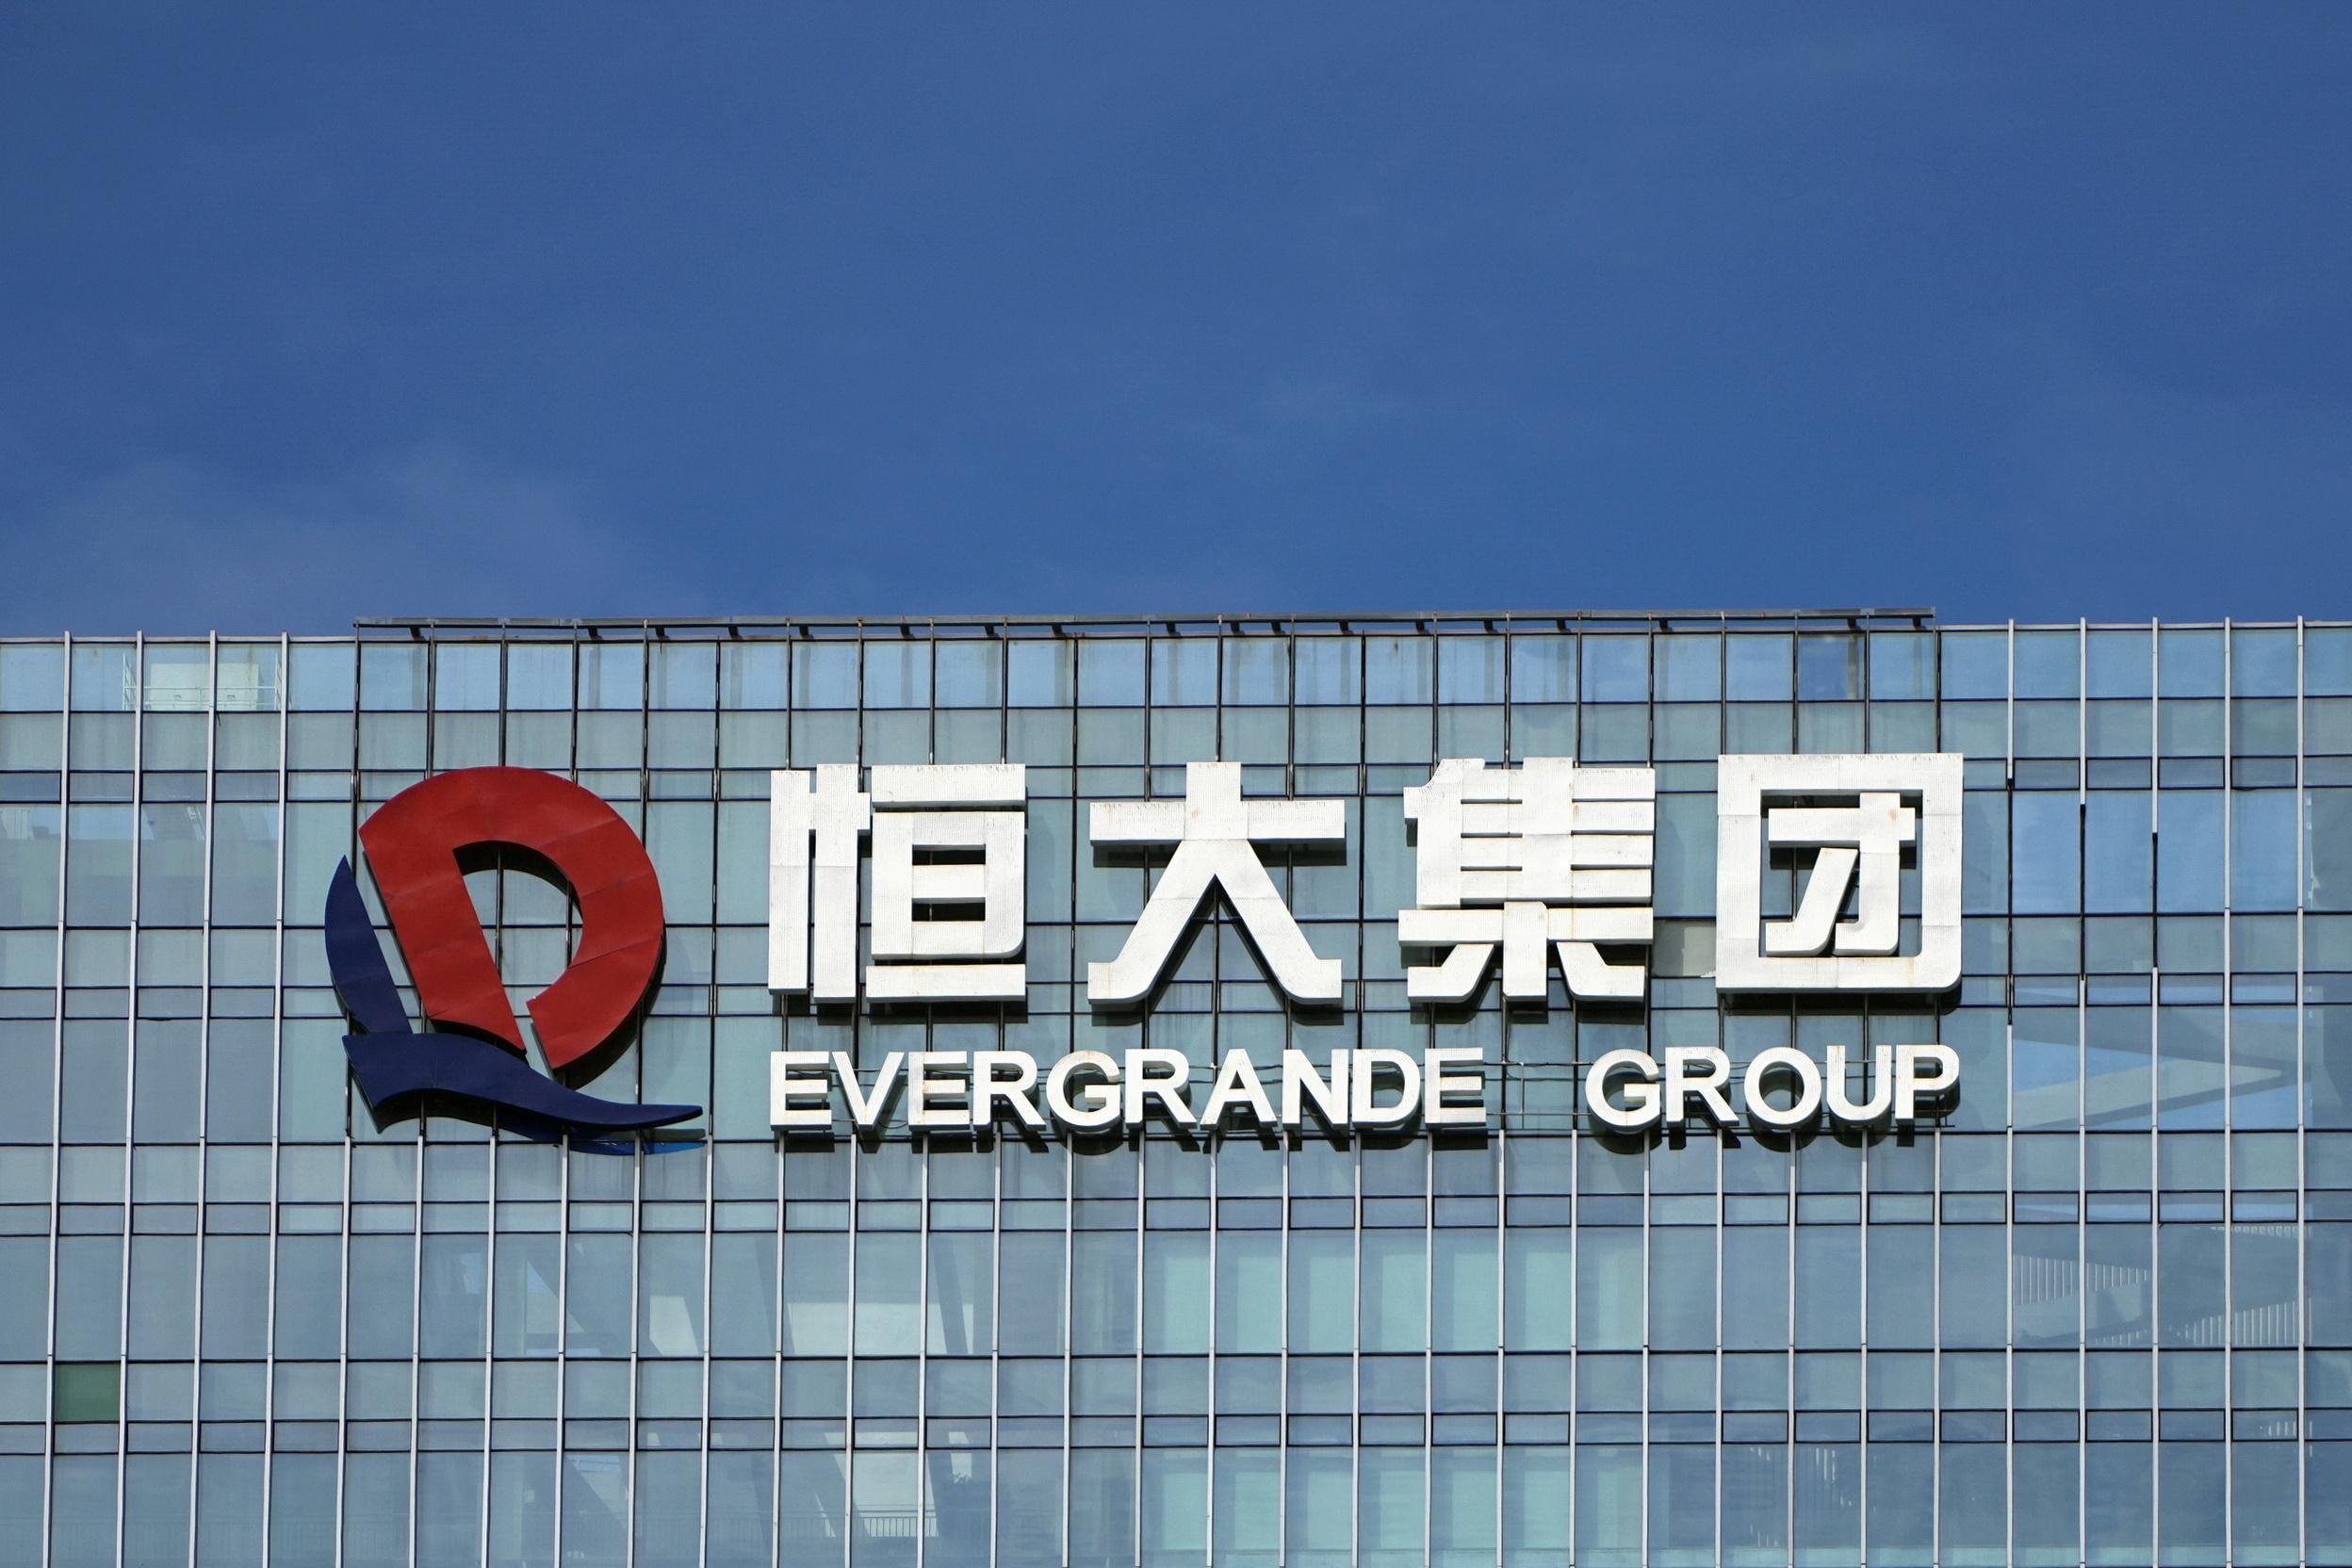 El logo de Evergrande, en la sede de la compañía.